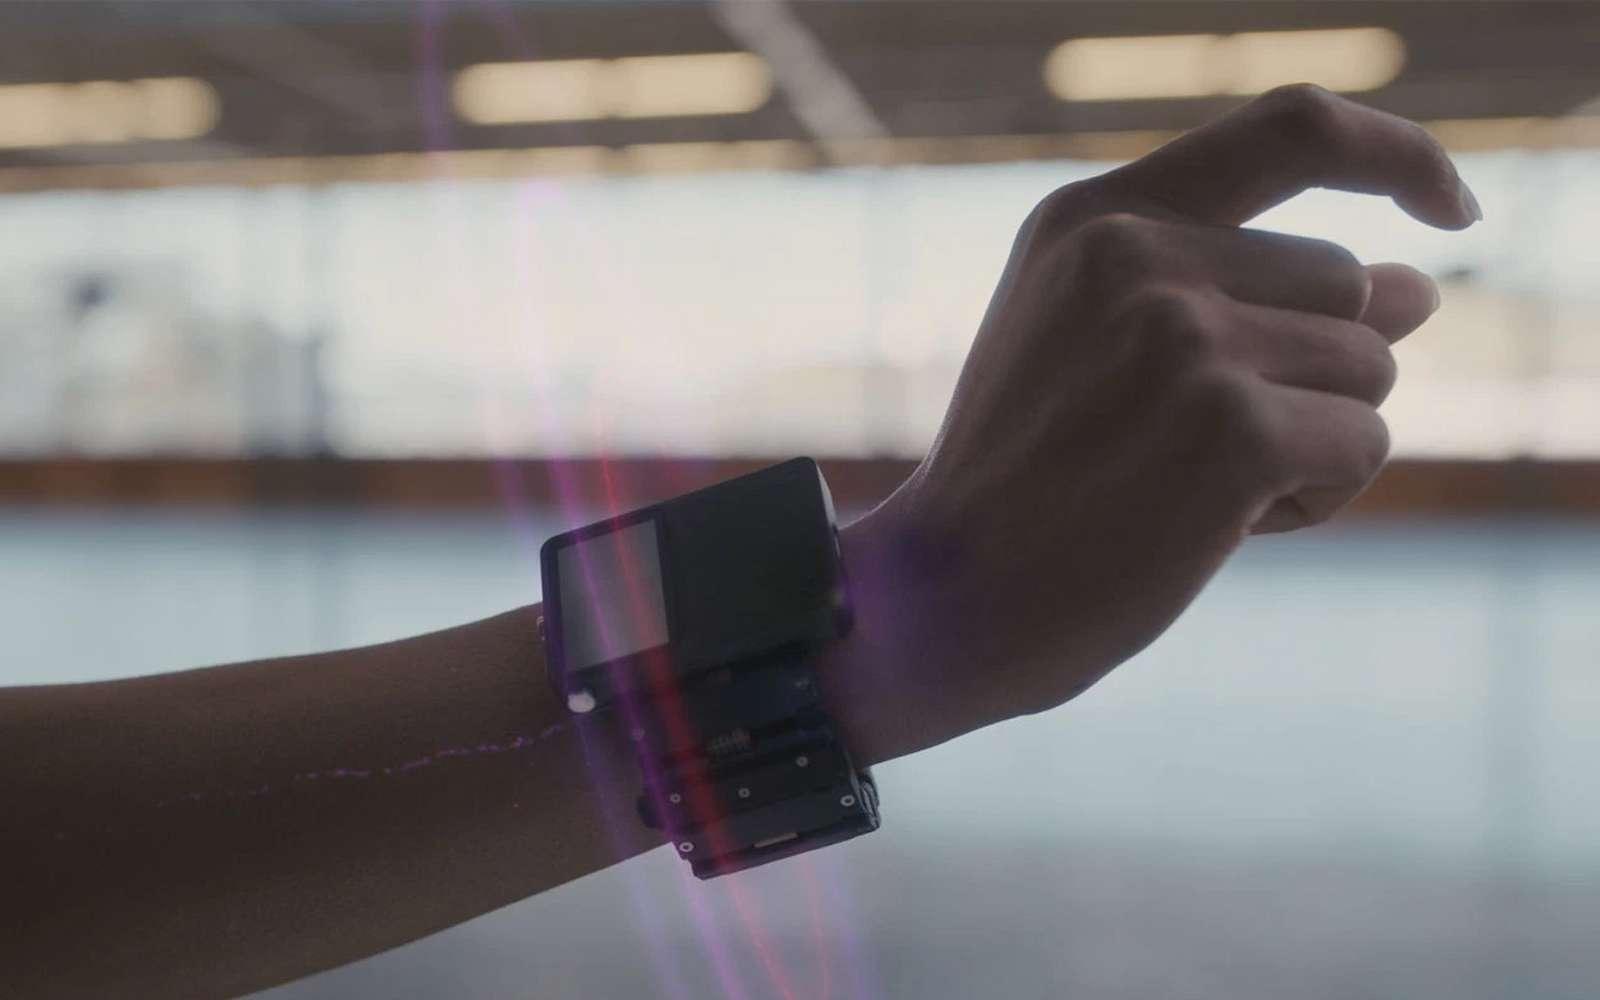 Plutôt que des manettes, Facebook travaille sur des bracelets neuronaux pour manipuler les objets virtuels. © Facebook